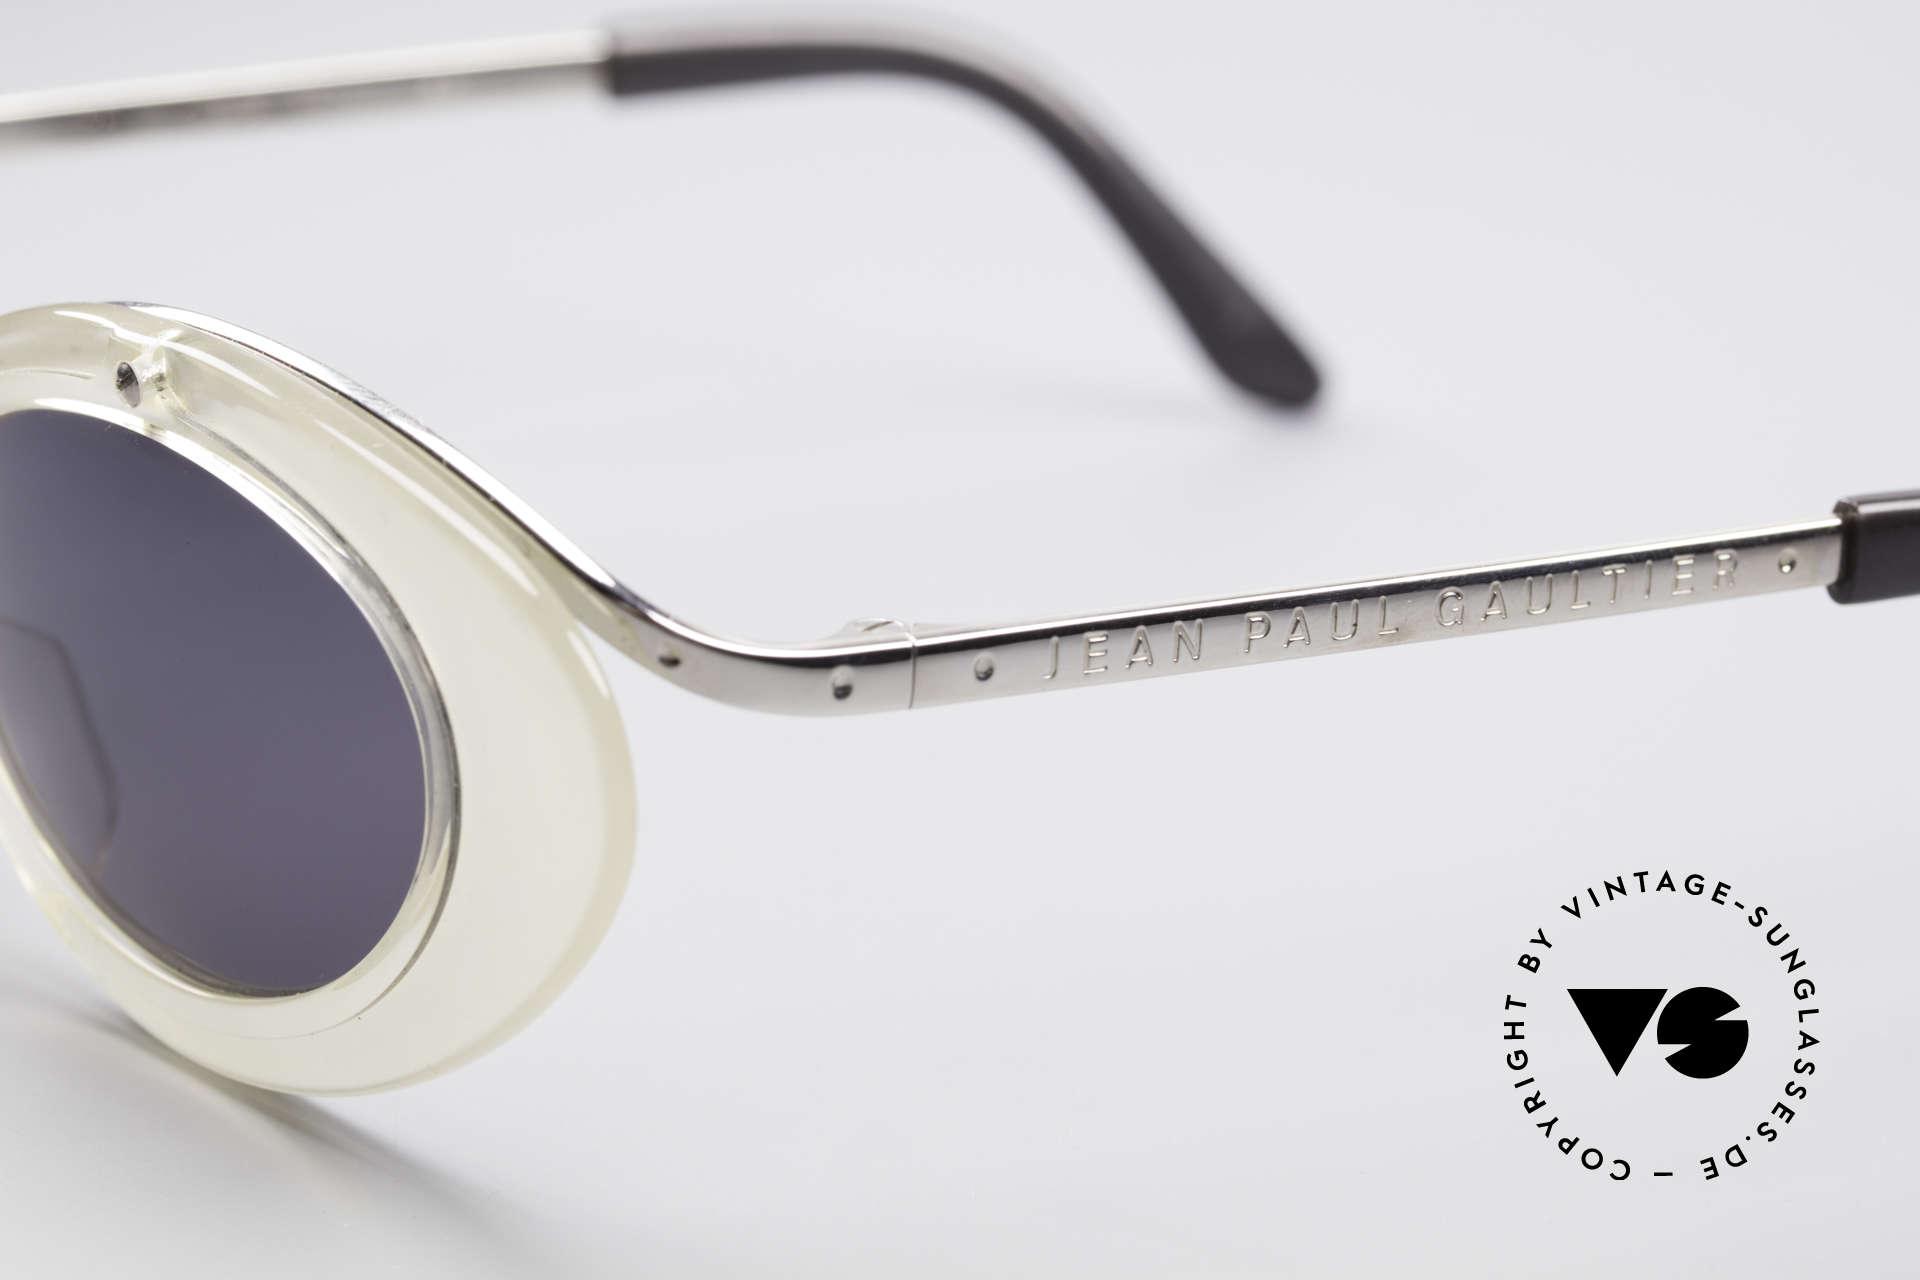 Jean Paul Gaultier 56-7201 Designer Ladies Sunglasses, NO RETRO FASHION, but a precious old ORIGINAL, Made for Women